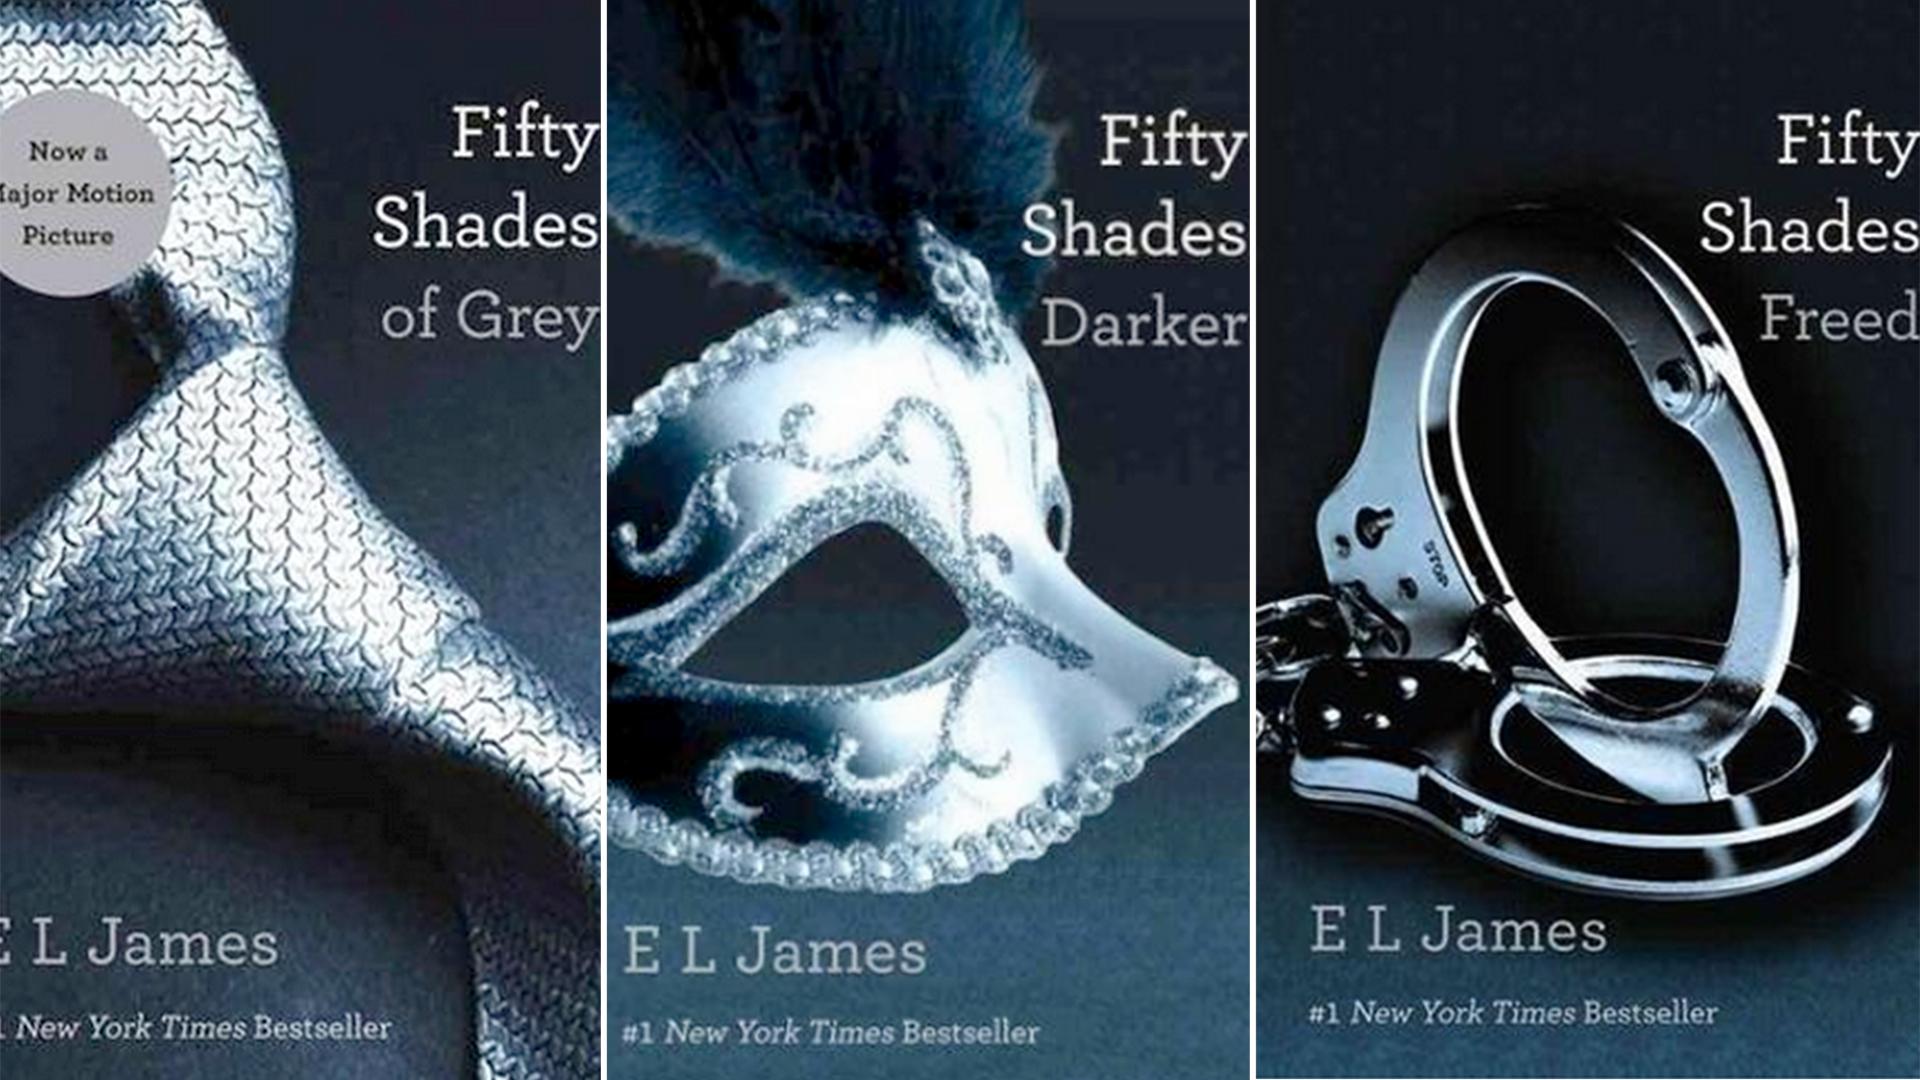 50 shades of gray book series